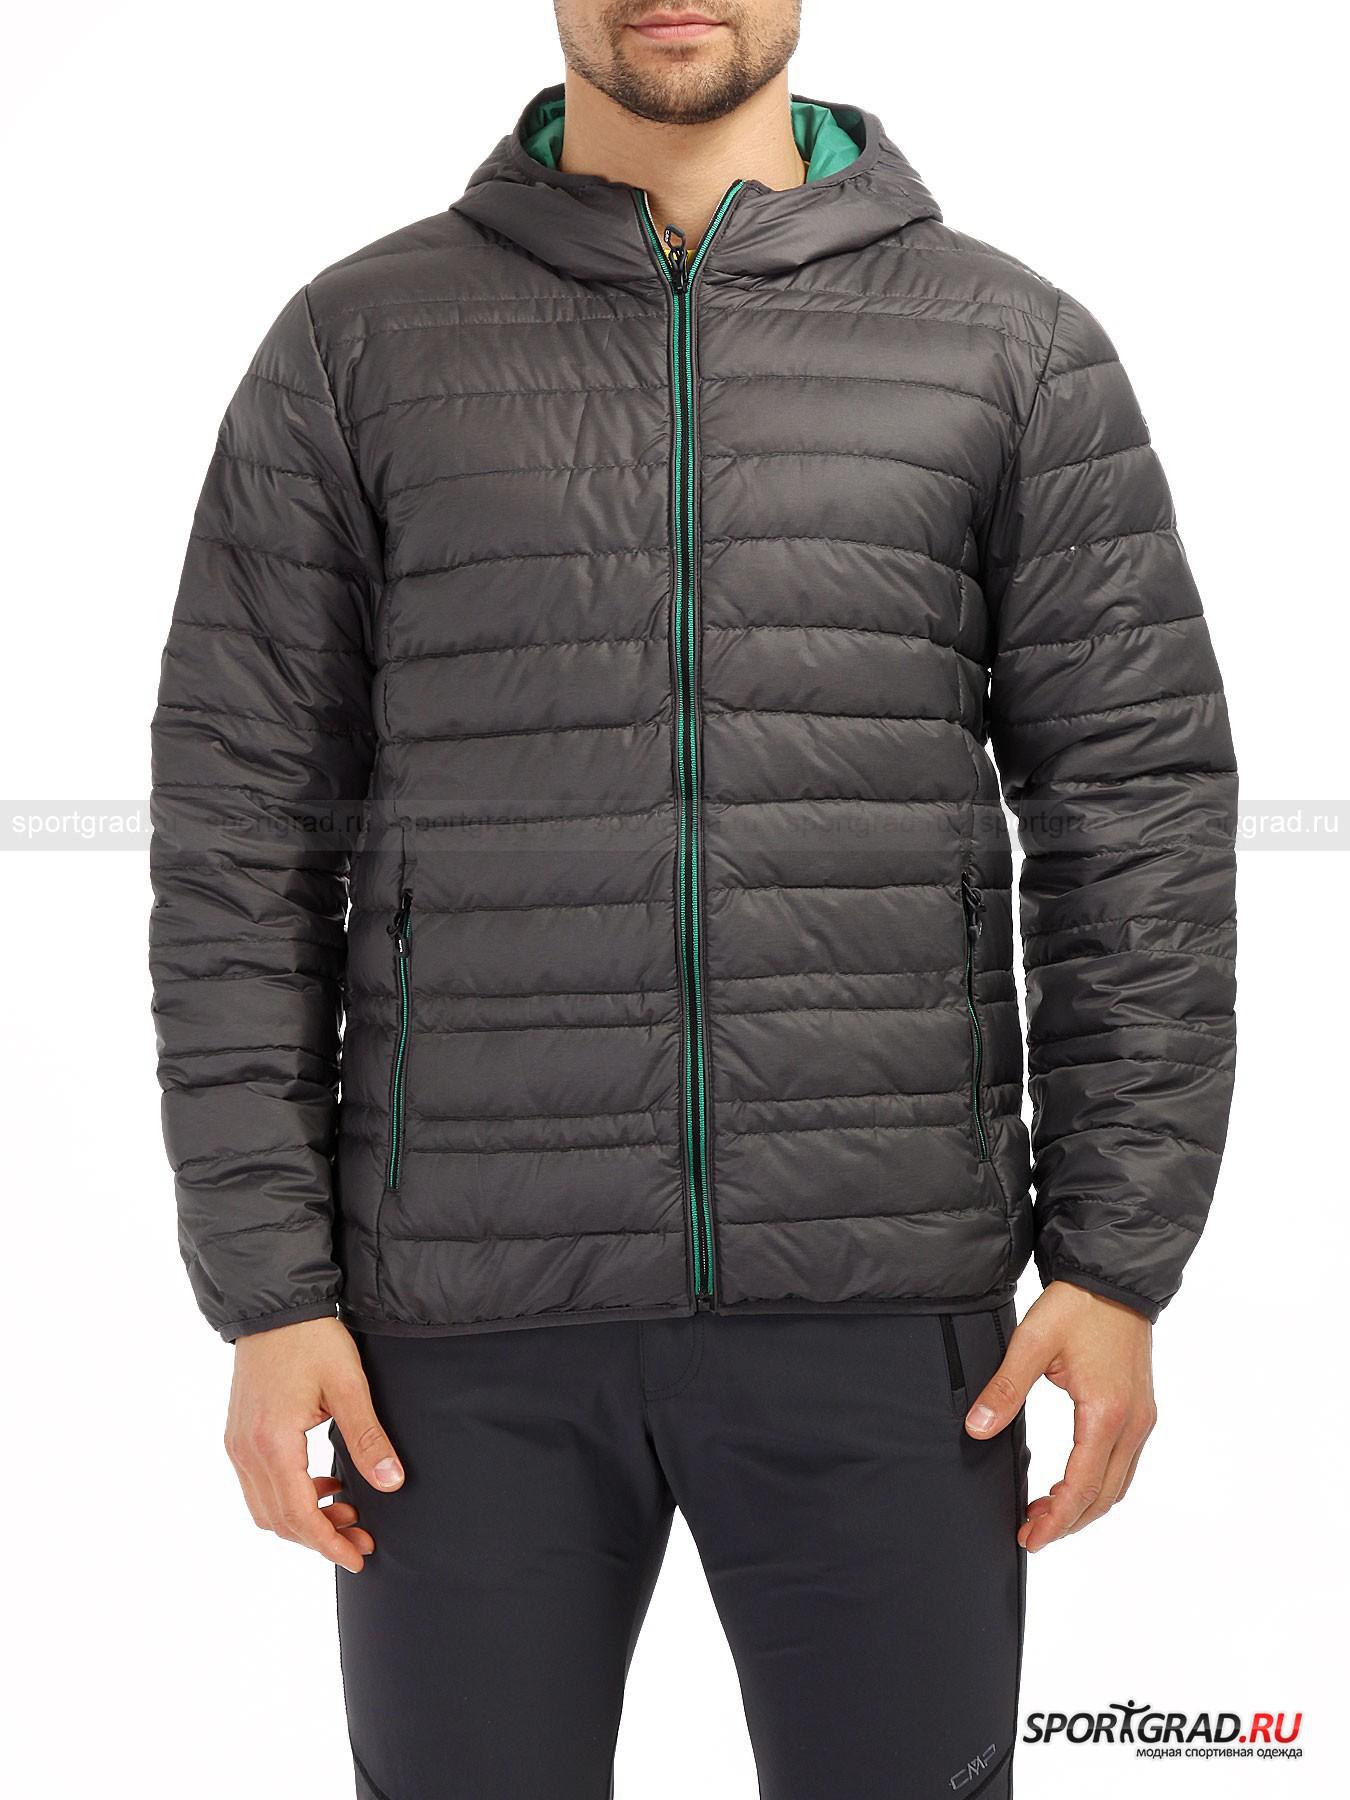 Куртка мужская   CAMPAGNOLO FIX HOODКуртки<br>Легкий и практичный пуховик CAMPAGNOLO, который не даст замерзнуть зимой и не будет грузным в более теплое время года. Его можно вполне использовать в качестве промежуточного слоя во время лютых морозов или в горной местности. Итальянская марка одежды CAMPAGNOLO славится своей приверженностью к outdoor тематике и к различного рода путешествиям. Поэтому данный пуховик столь популярен среди любителей походов и загородного отдыха. Но его стильный и аккуратный силуэт не будет бросаться в глаза и в городских условиях. Что важно, наполнитель в куртке натуральный, а внешняя оболочка из синтетического материала прочно удерживает пух и перо. Помимо внешних поясных карманов на молнии, внутри предусмотрены два внутренних.<br><br>Пол: Мужской<br>Возраст: Взрослый<br>Тип: Куртки<br>Рекомендации по уходу: Стирка при температуре 30 С; минимум чистящего средства; при стирке использовать 2 теннисных мячика, чтобы не сбивался пух; отбеливание запрещено; сушка в барабане; не гладить; химчистка запрещена; рекомендуется аквачистка; при стирке не смешивать с издел<br>Состав: 100% полиэстер, 90% пух/10% перо.